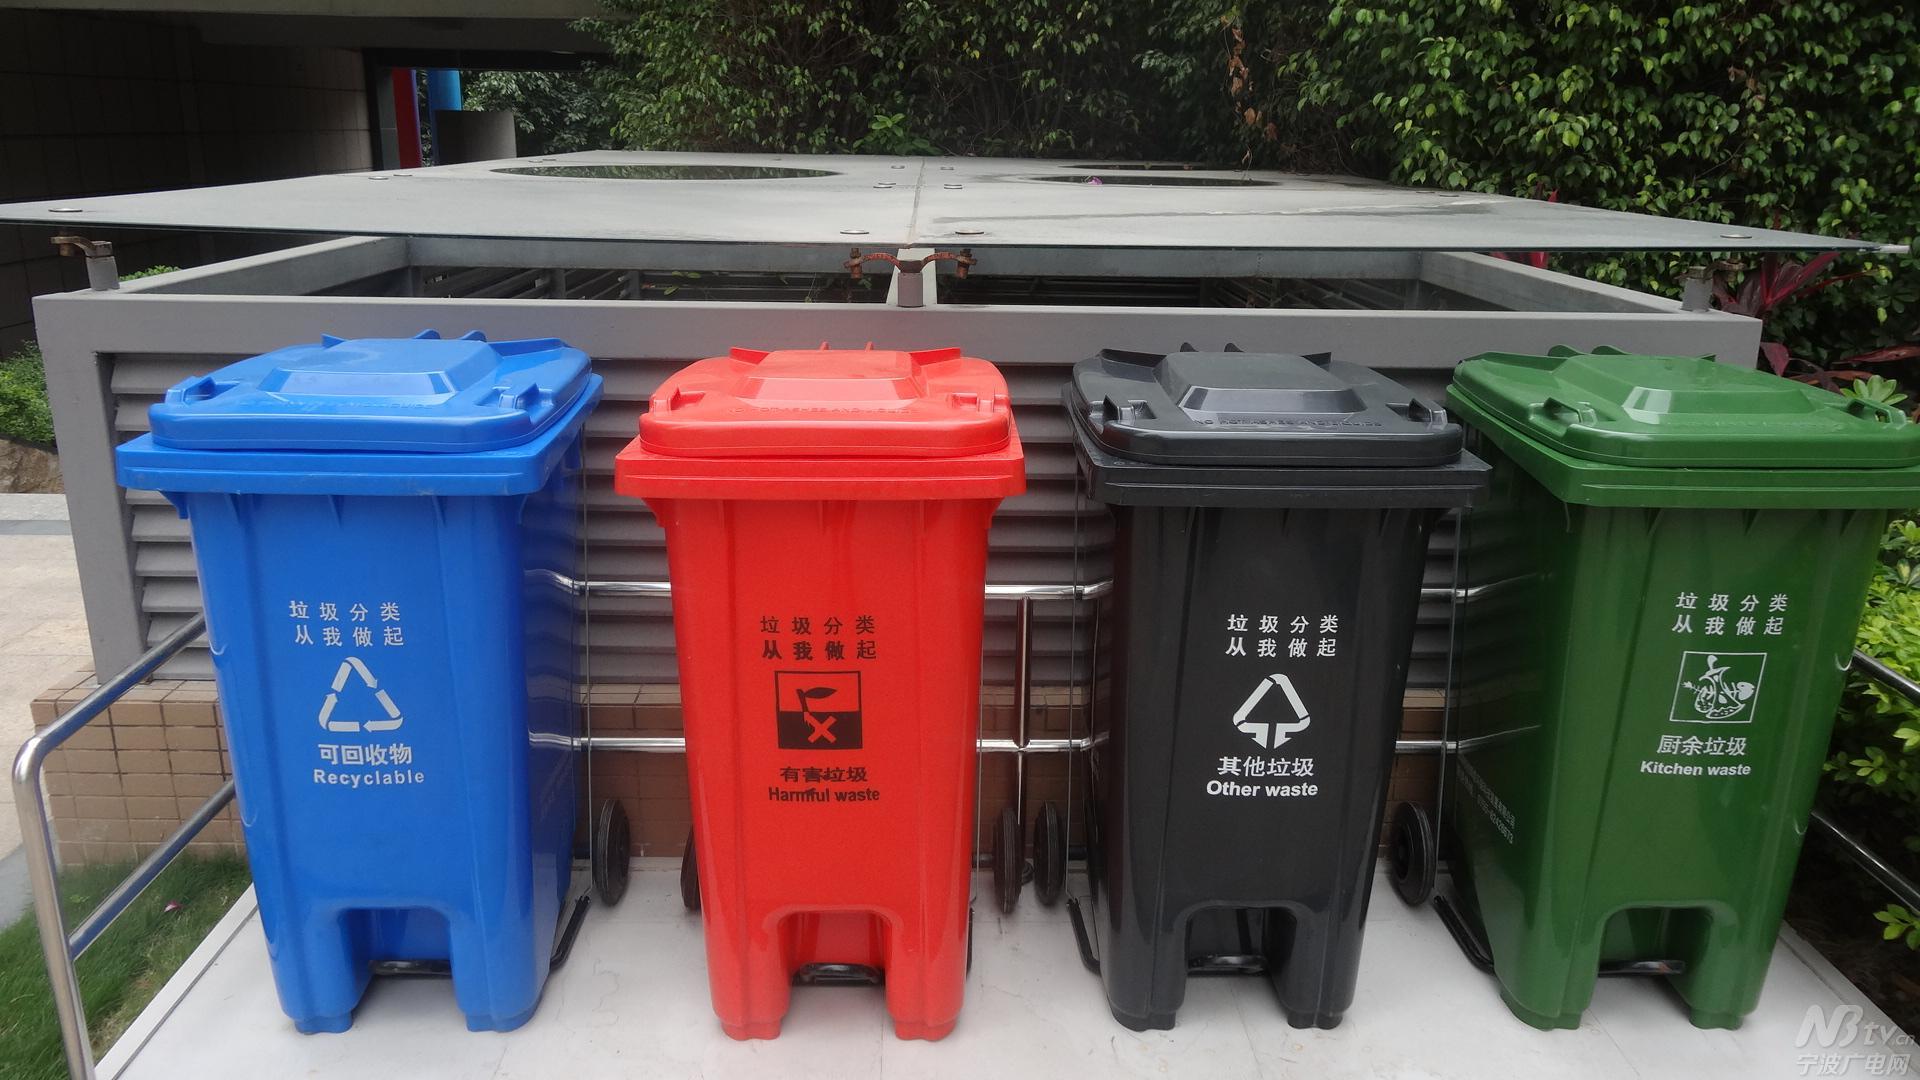 宁波推行垃圾分类 市民可报名加入环保视察